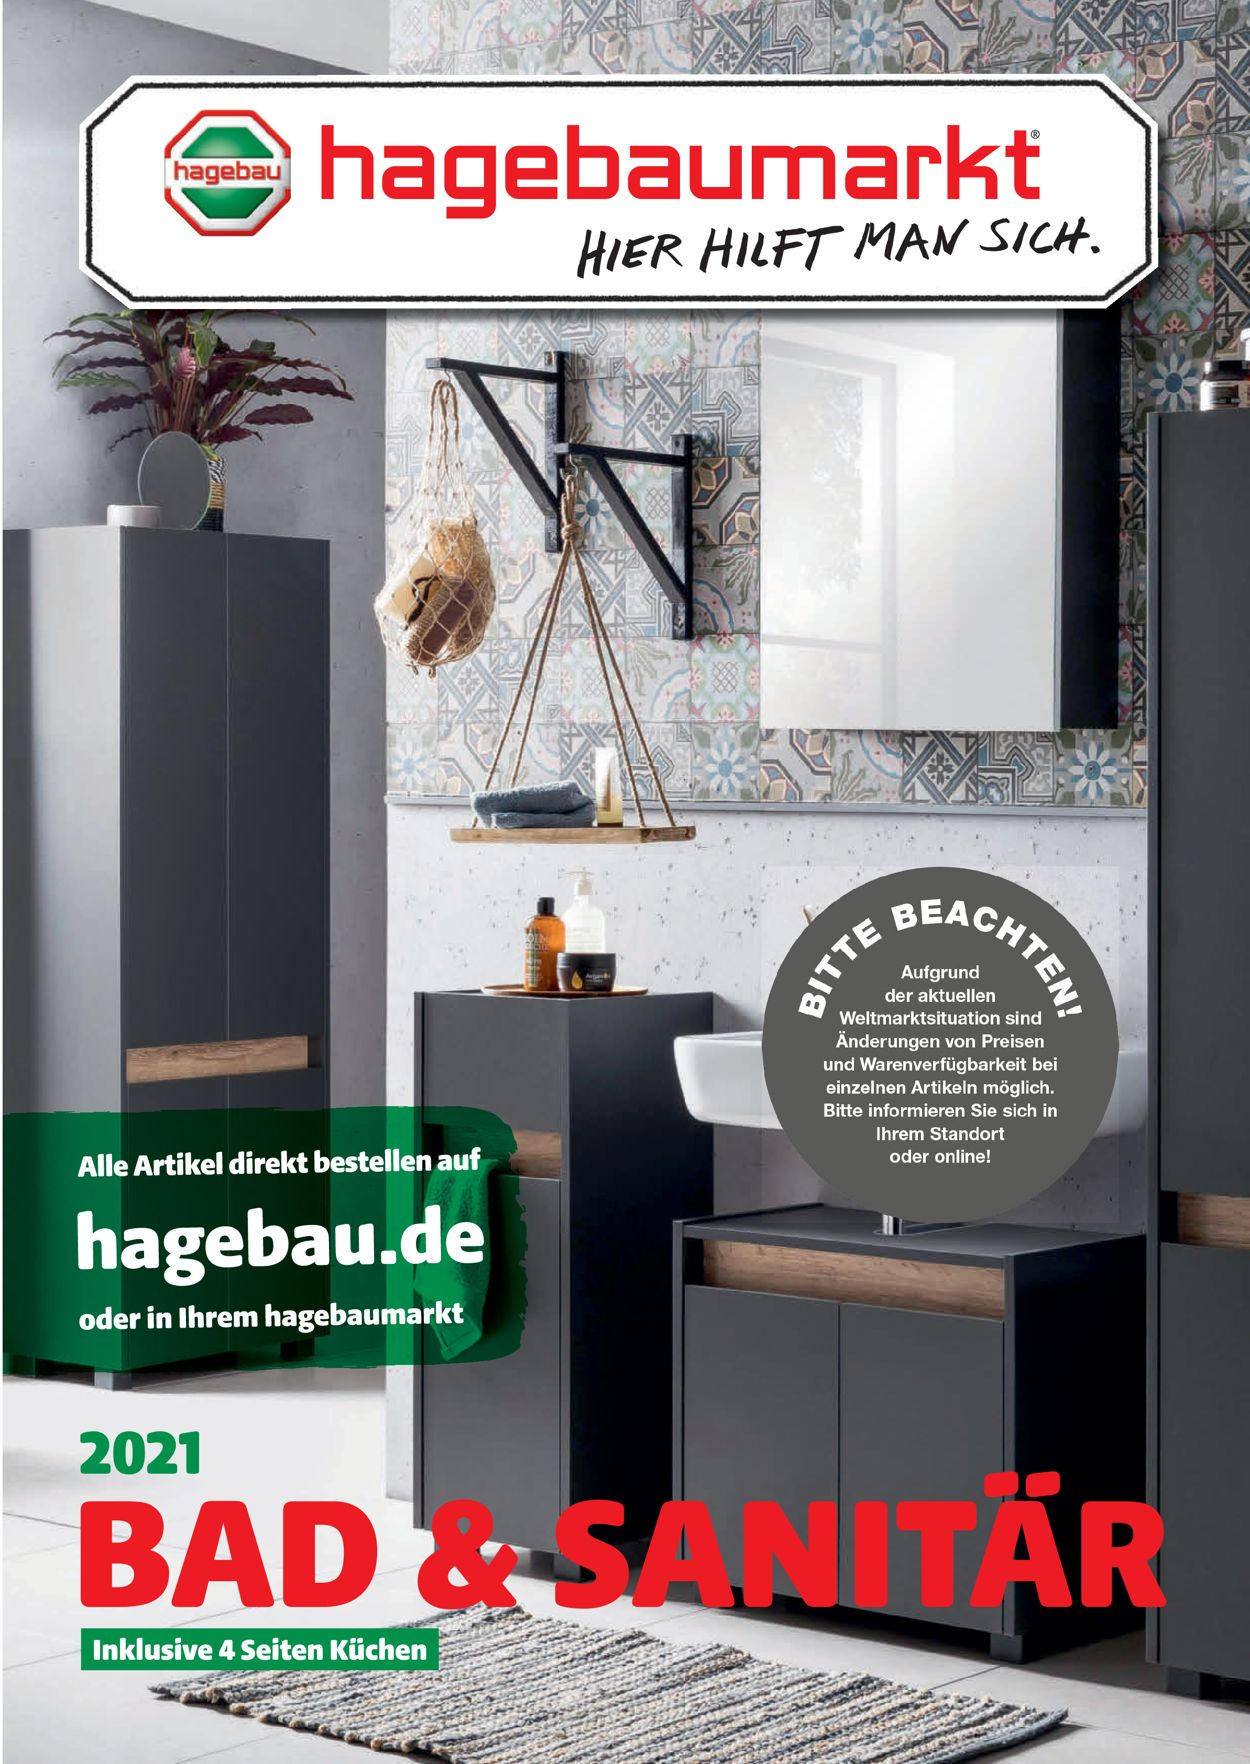 hagebaumarkt Bad & Sanitär Prospekt - Aktuell vom 12.04-30.06.2021